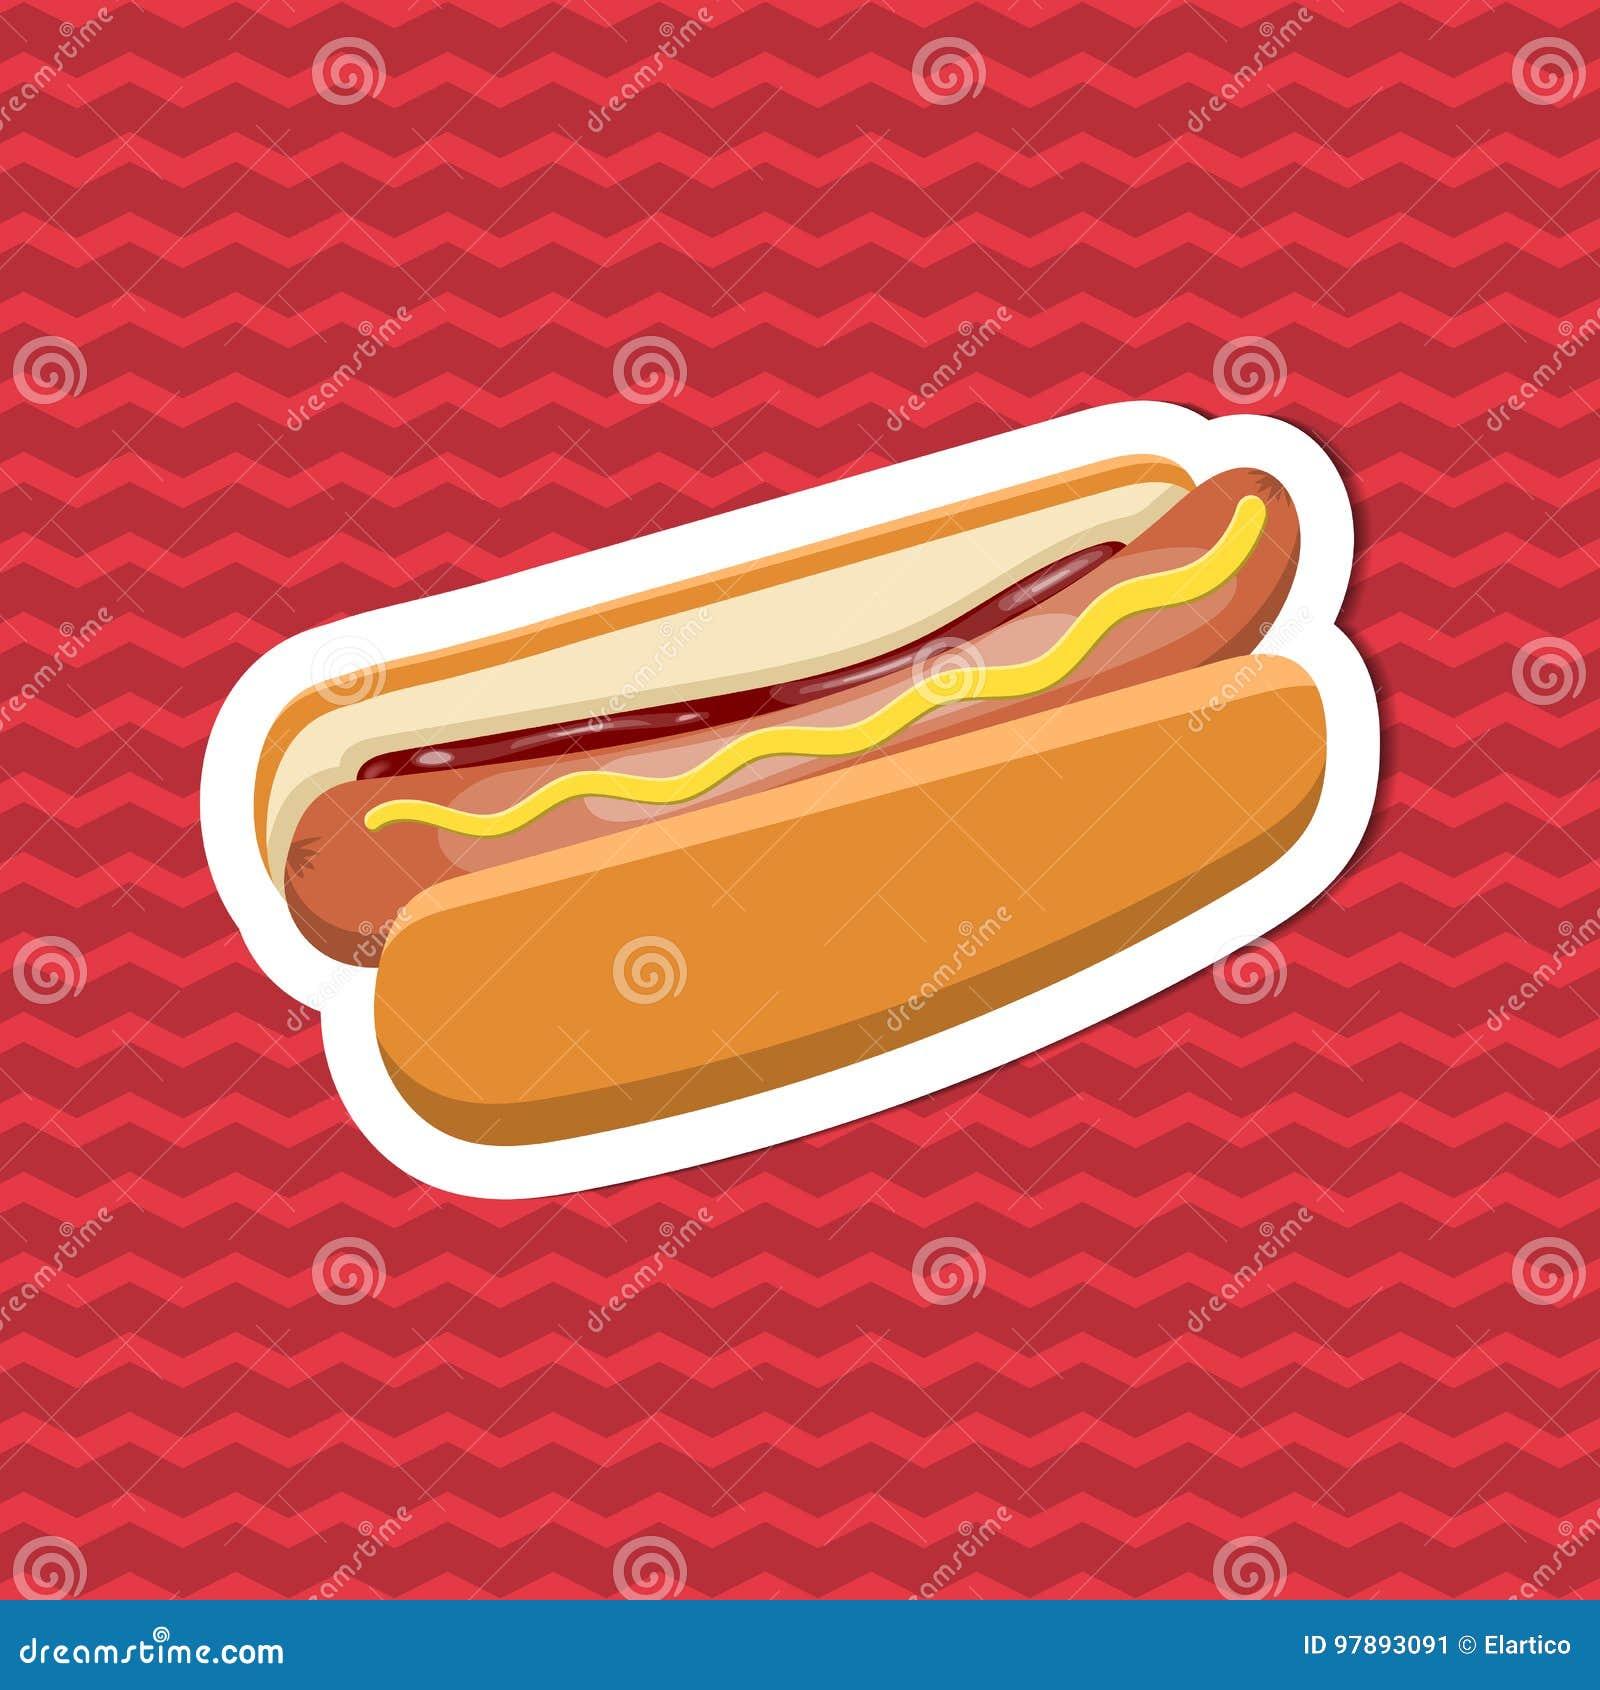 Klistermärke av varmkorven med senap och ketchup på röd randig bakgrund Beståndsdelar för grafisk design för menyn, affisch